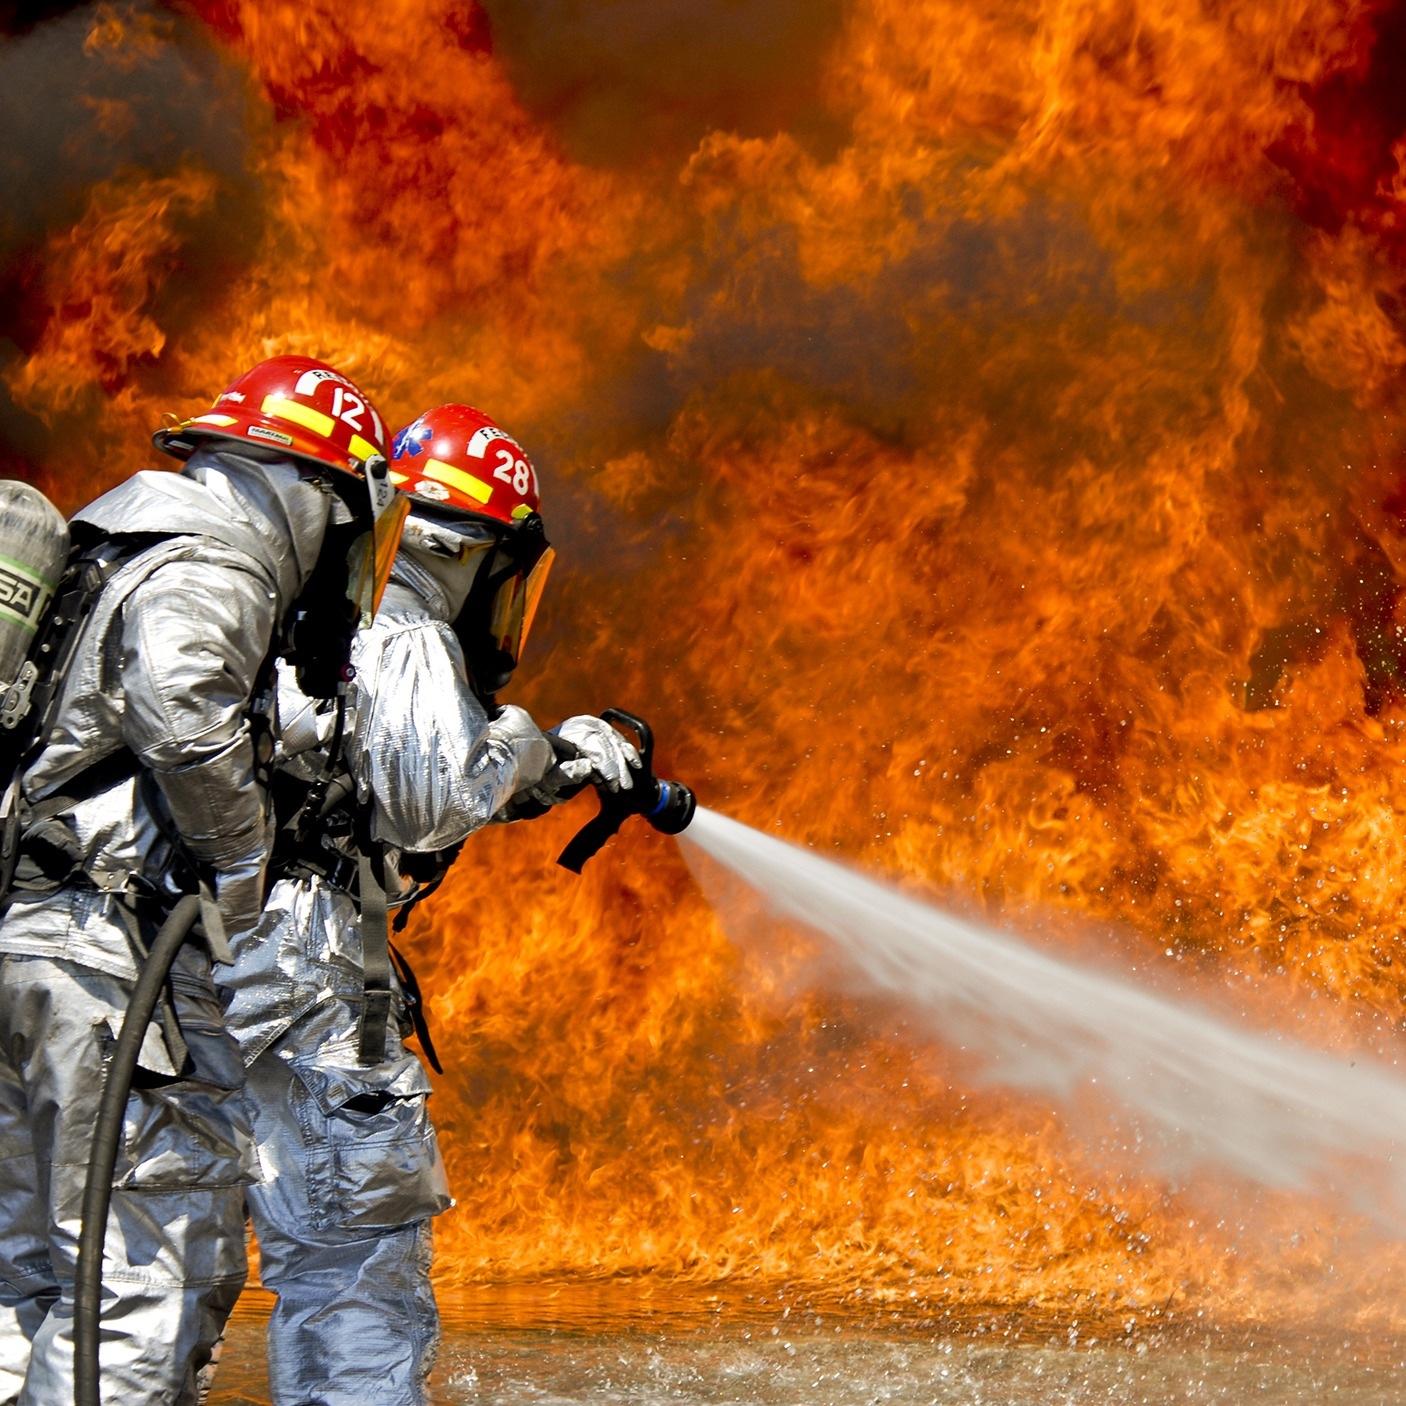 Foto: Feuerwehrleute, die einen Brand löschen